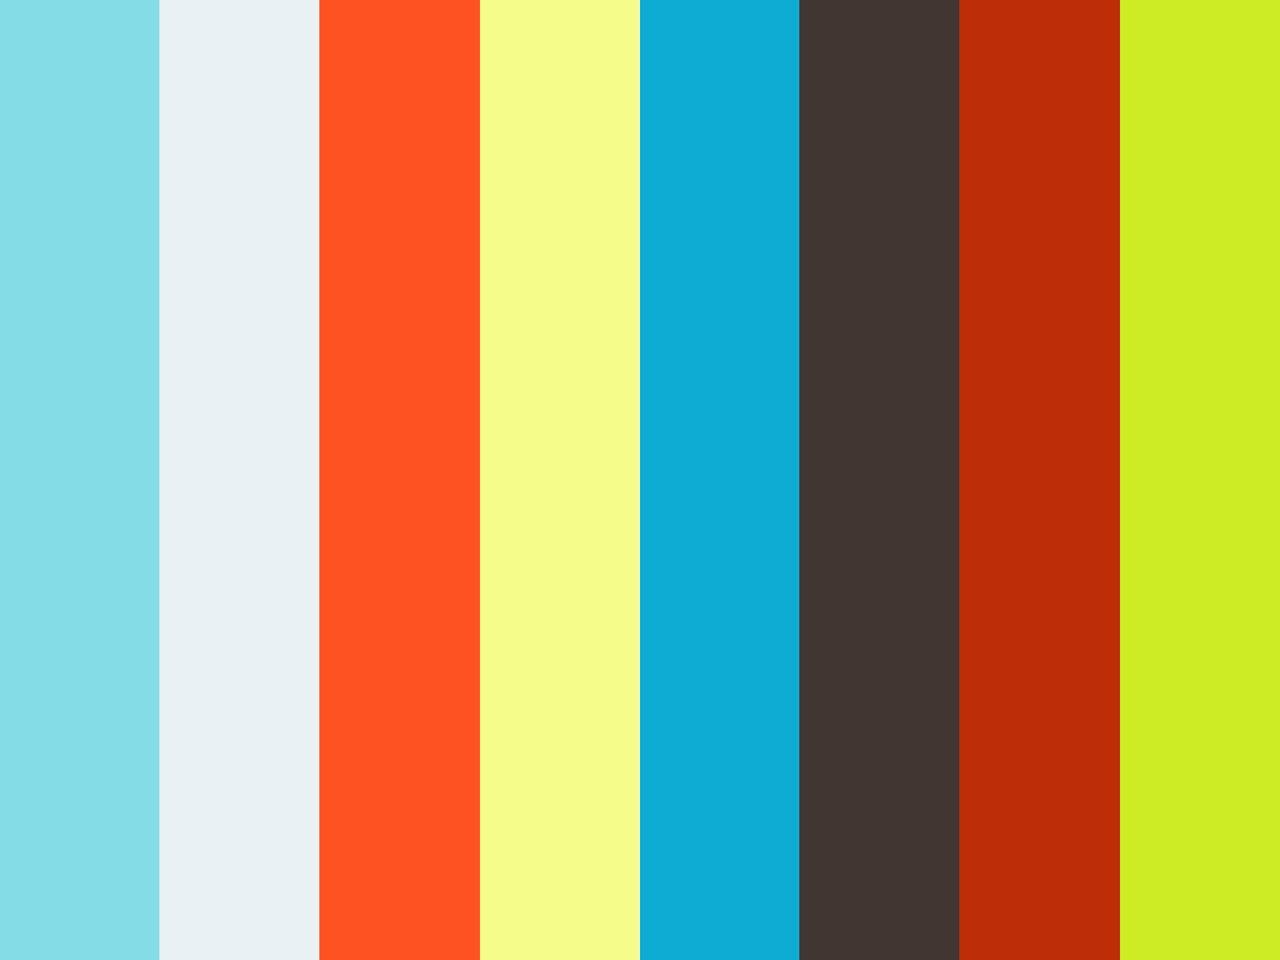 Stad Antwerpen - Apps from Antwerp - Lange versie